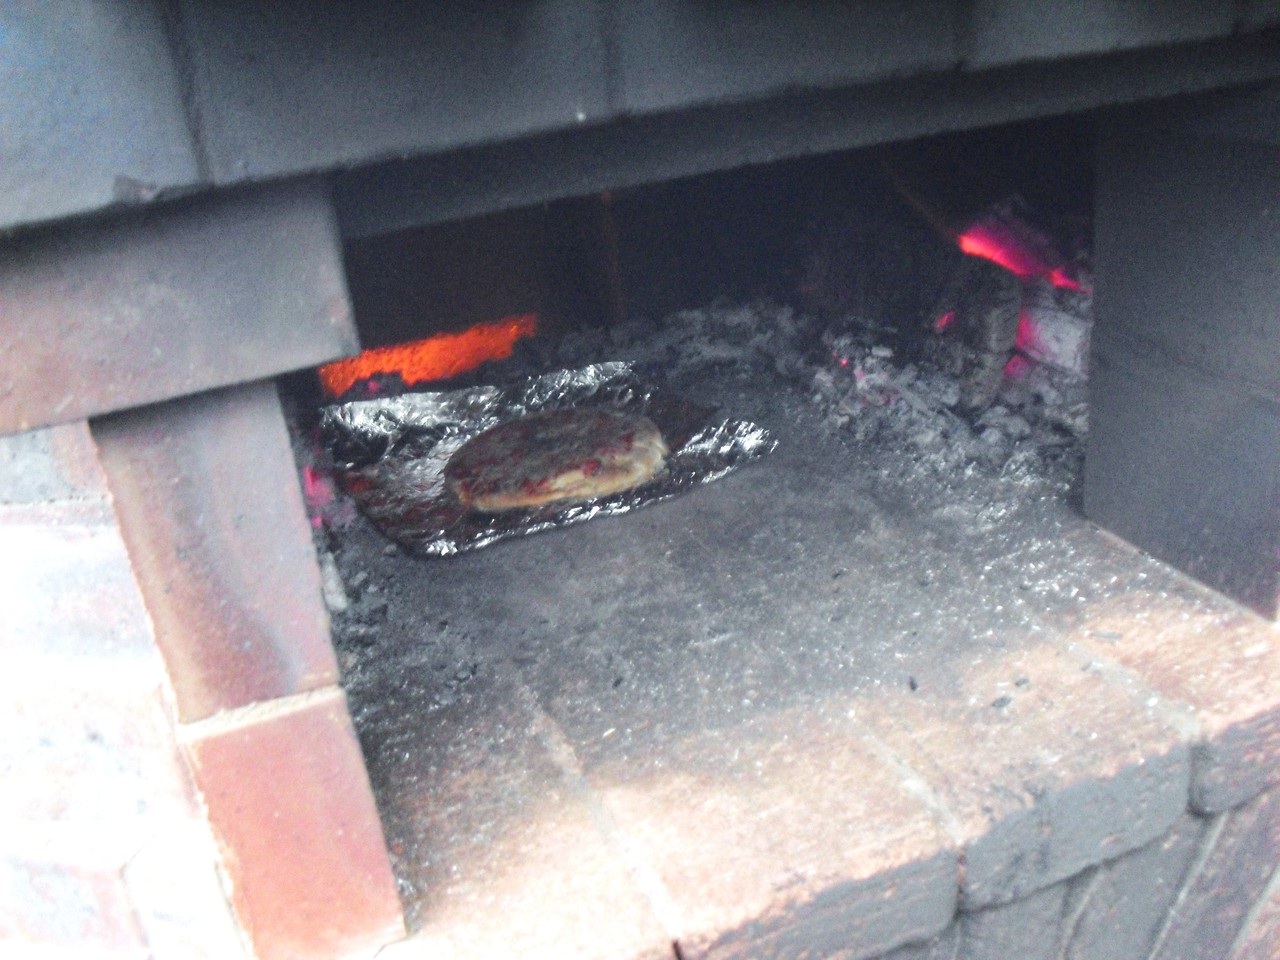 お試しでピザを焼いてみました!!!焼ける温度に上げるまでかなりの時間燃やし続け、実際にピザを入れてからはものの数分で焼けちゃいました!